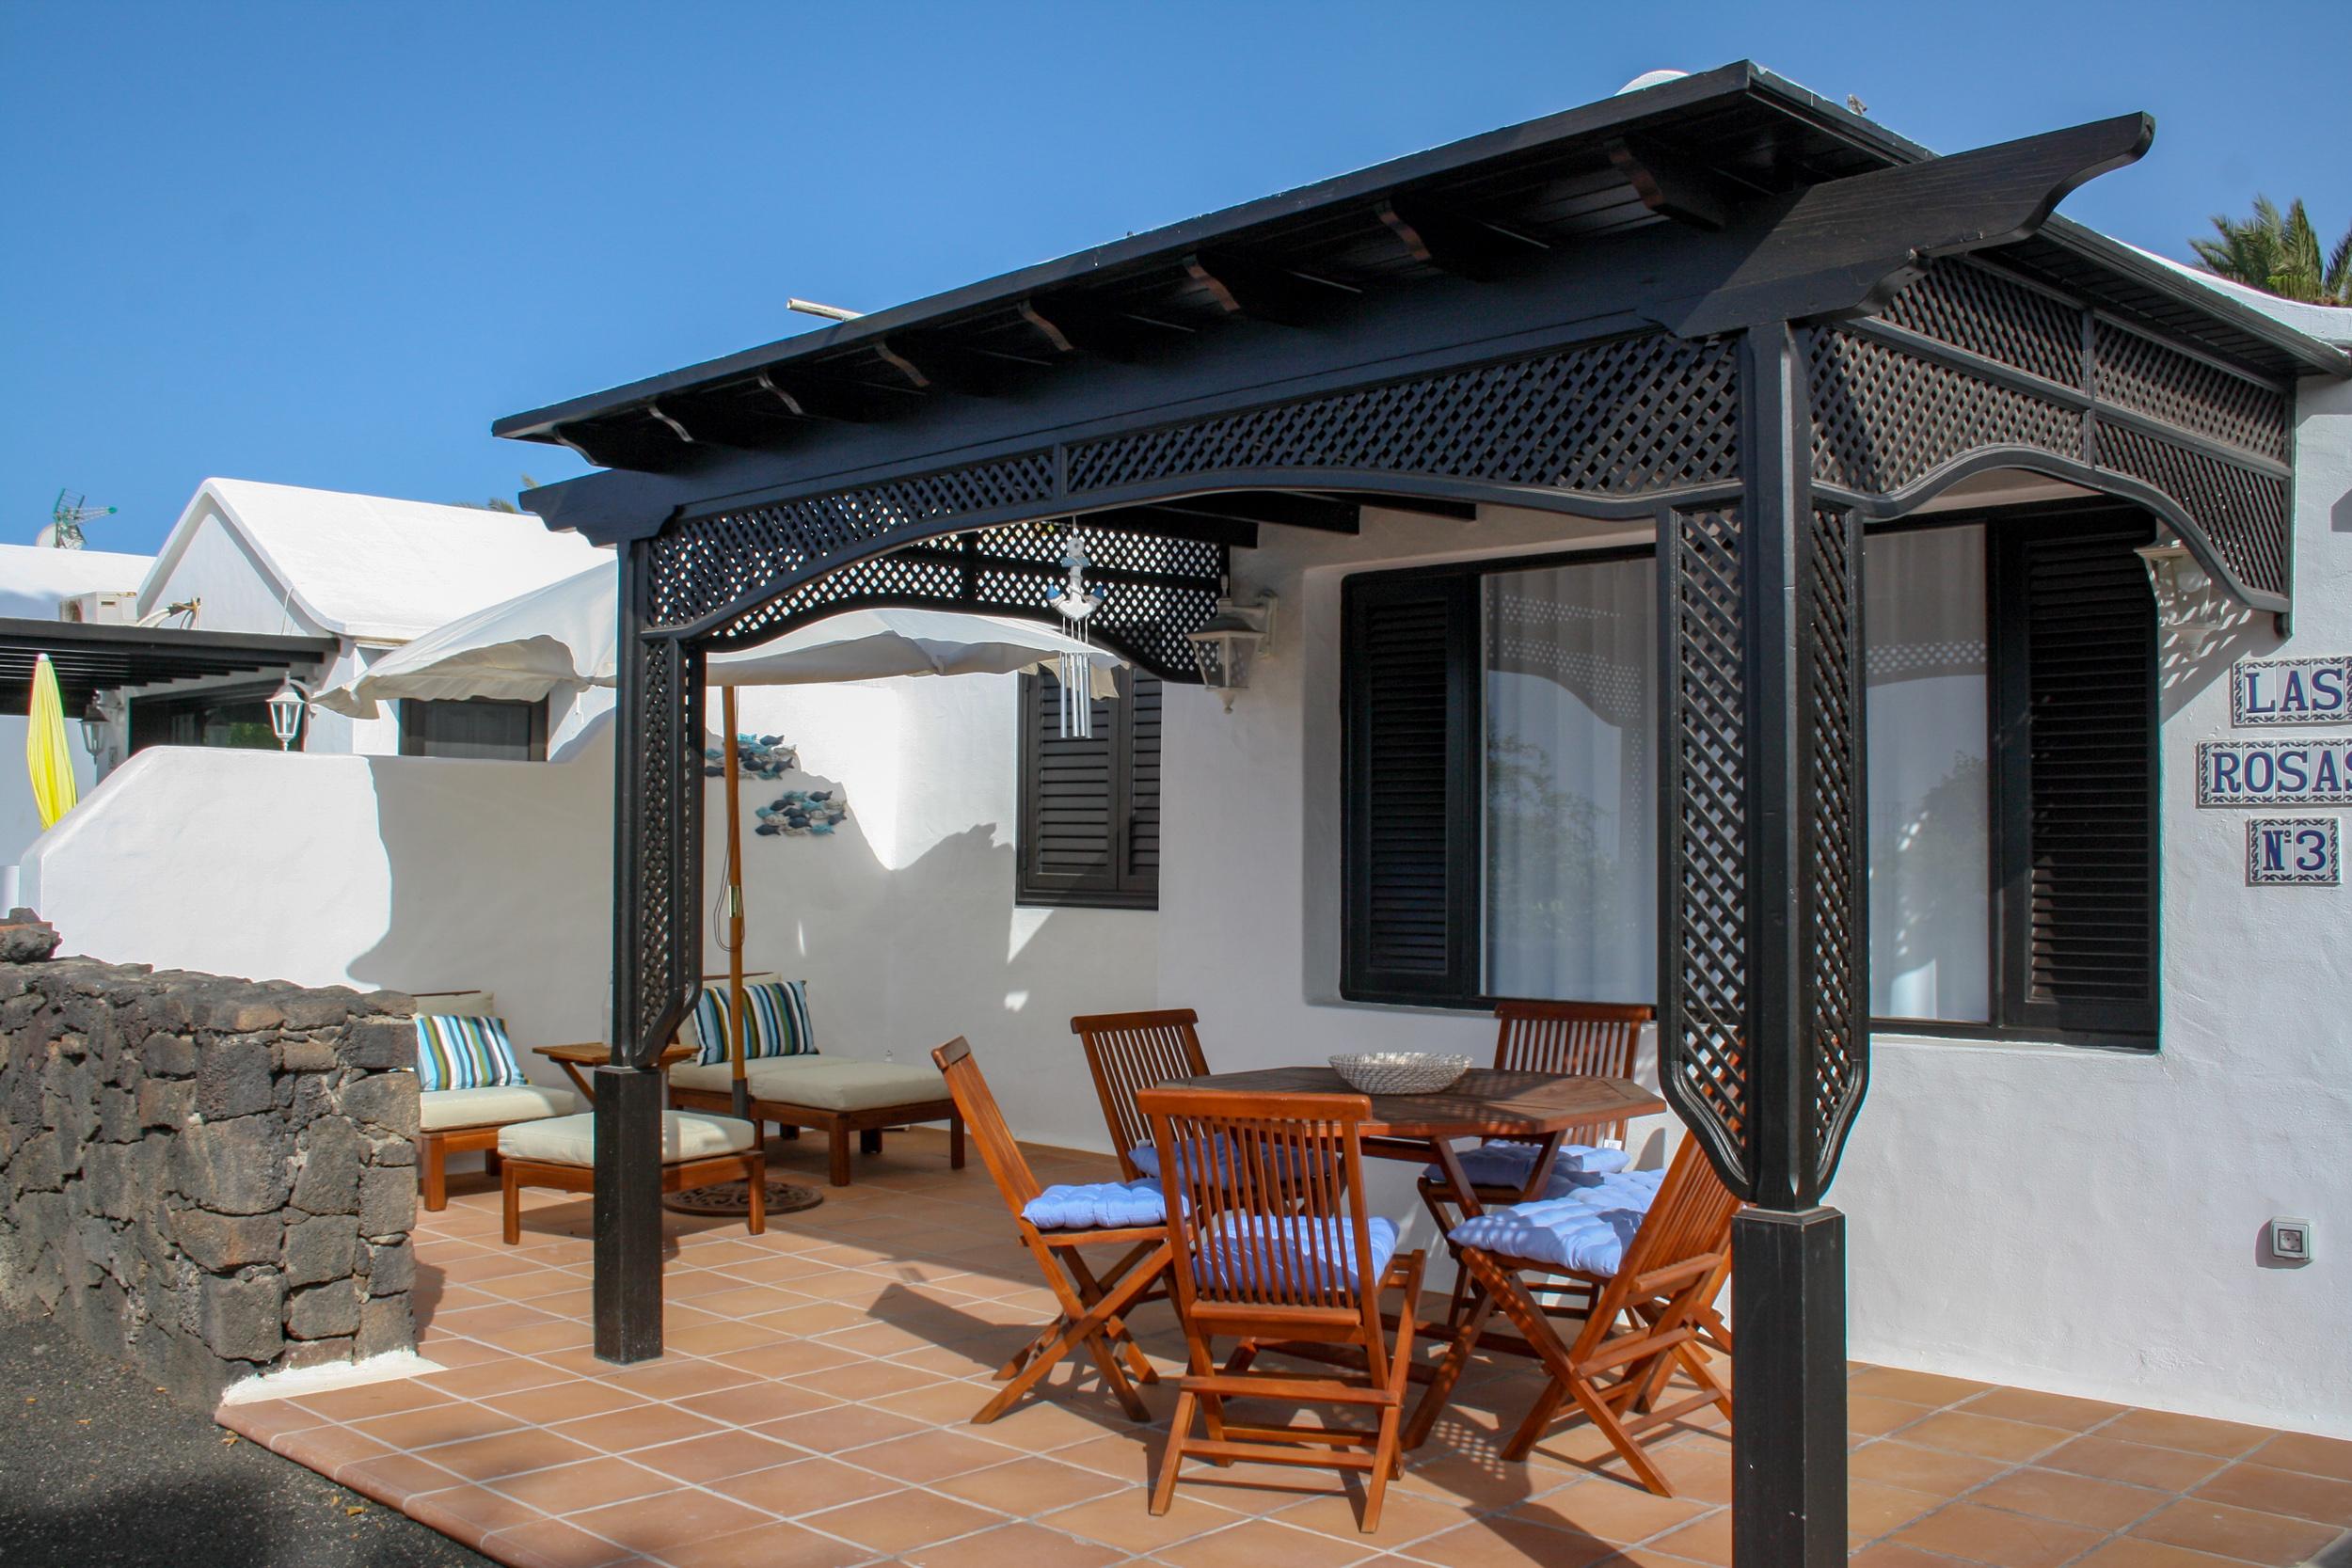 Casa las Rosas Buenavilla Lanzarote